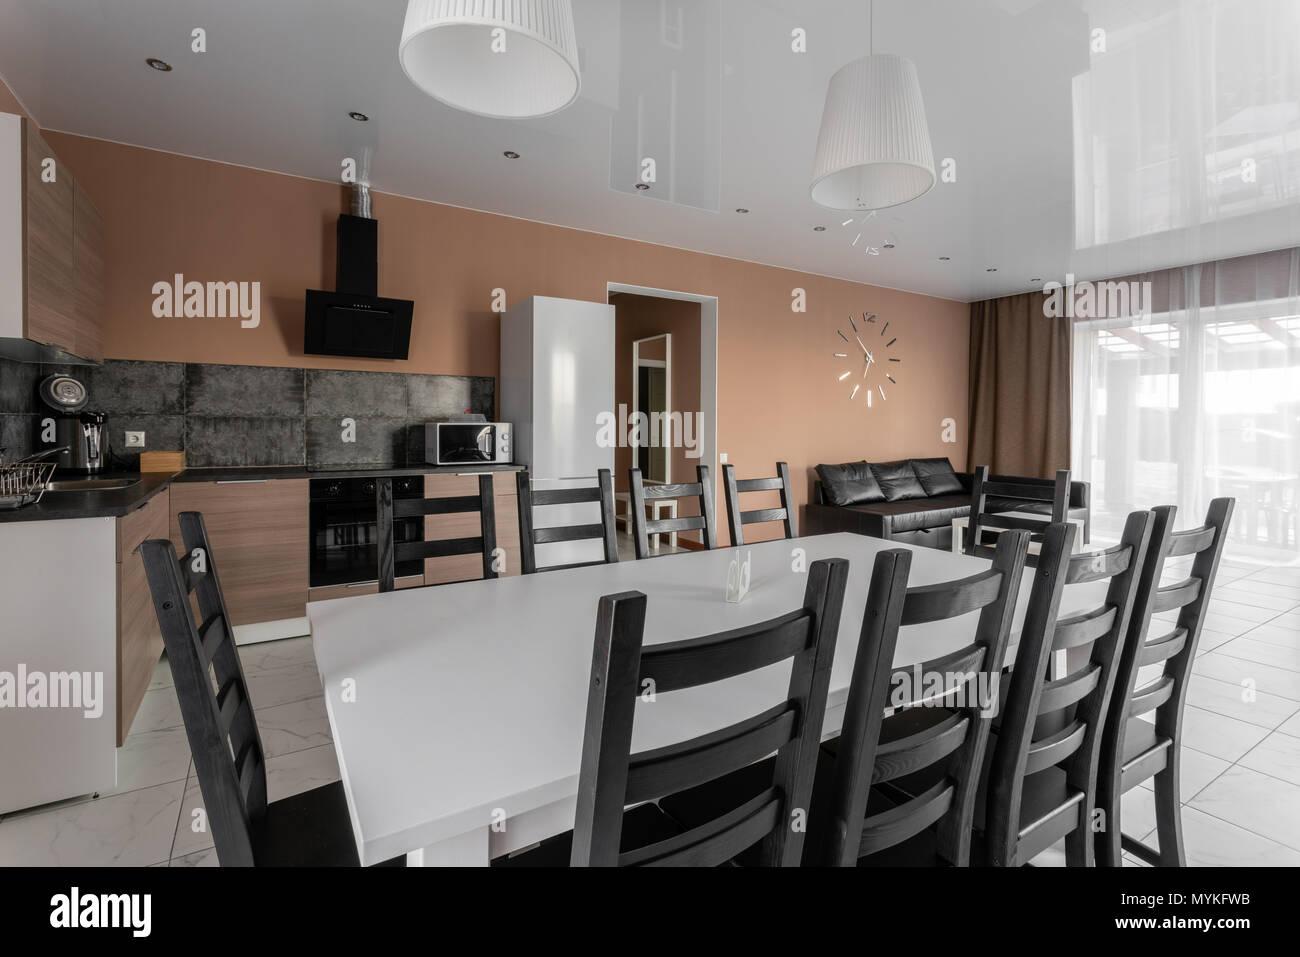 Esstisch Für 10 Personen. Moderner Minimalismus Style Salon Interieur.  Einfache Und Kostengünstige Wohnzimmer Mit Küche. Tageslicht Am Morgen